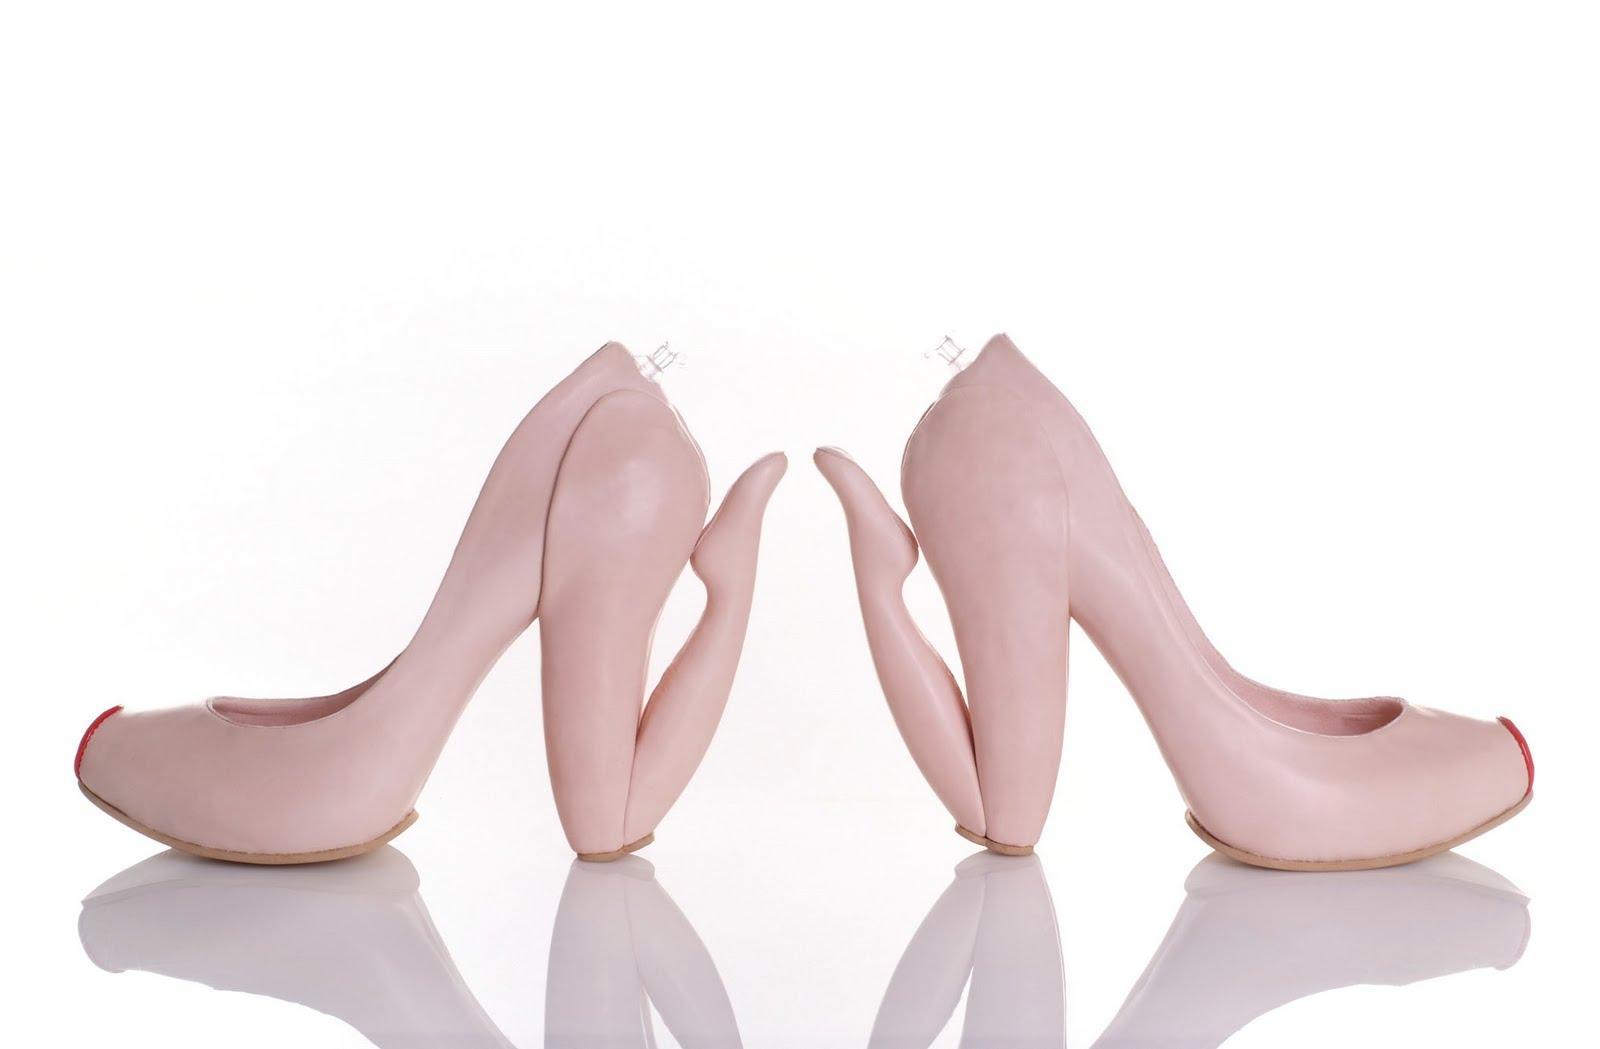 Zapatos extravagantes y extraños